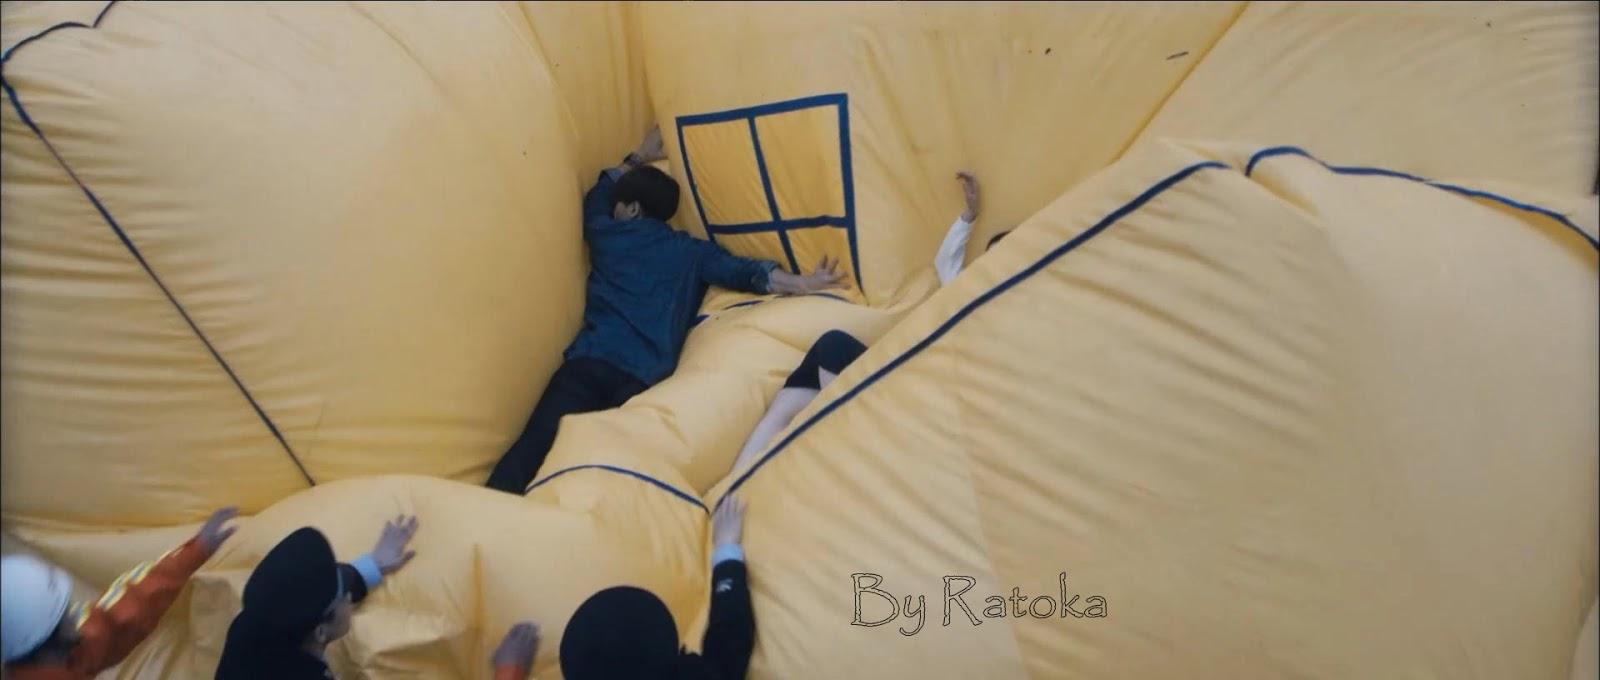 http://4.bp.blogspot.com/-1IipxMffgFQ/VJ-bG7Mnw0I/AAAAAAAAyDI/XbVmxQJBOOs/s1600/45.jpg